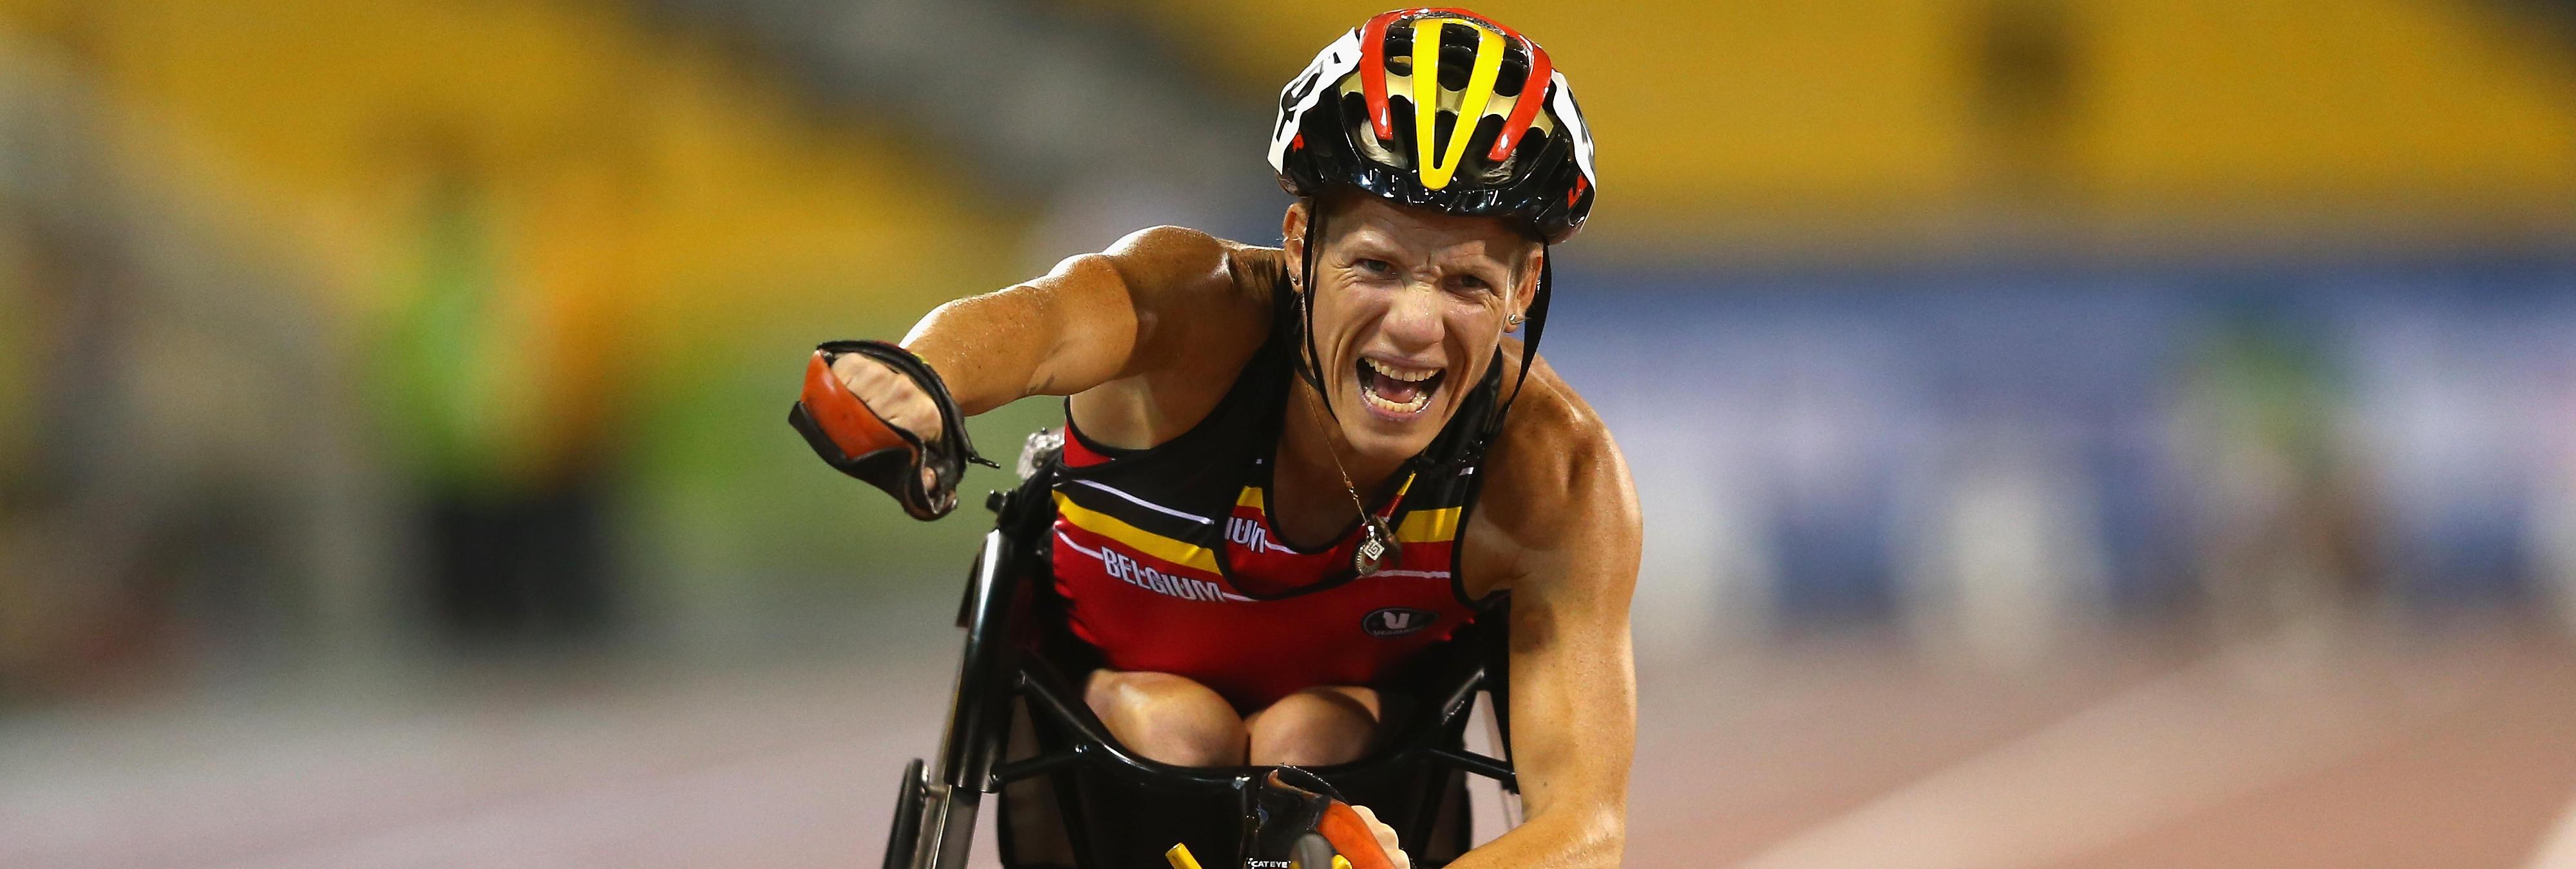 La atleta Marieke Vervoort se someterá a la eutanasia tras los Juegos Paralímpicos de Río